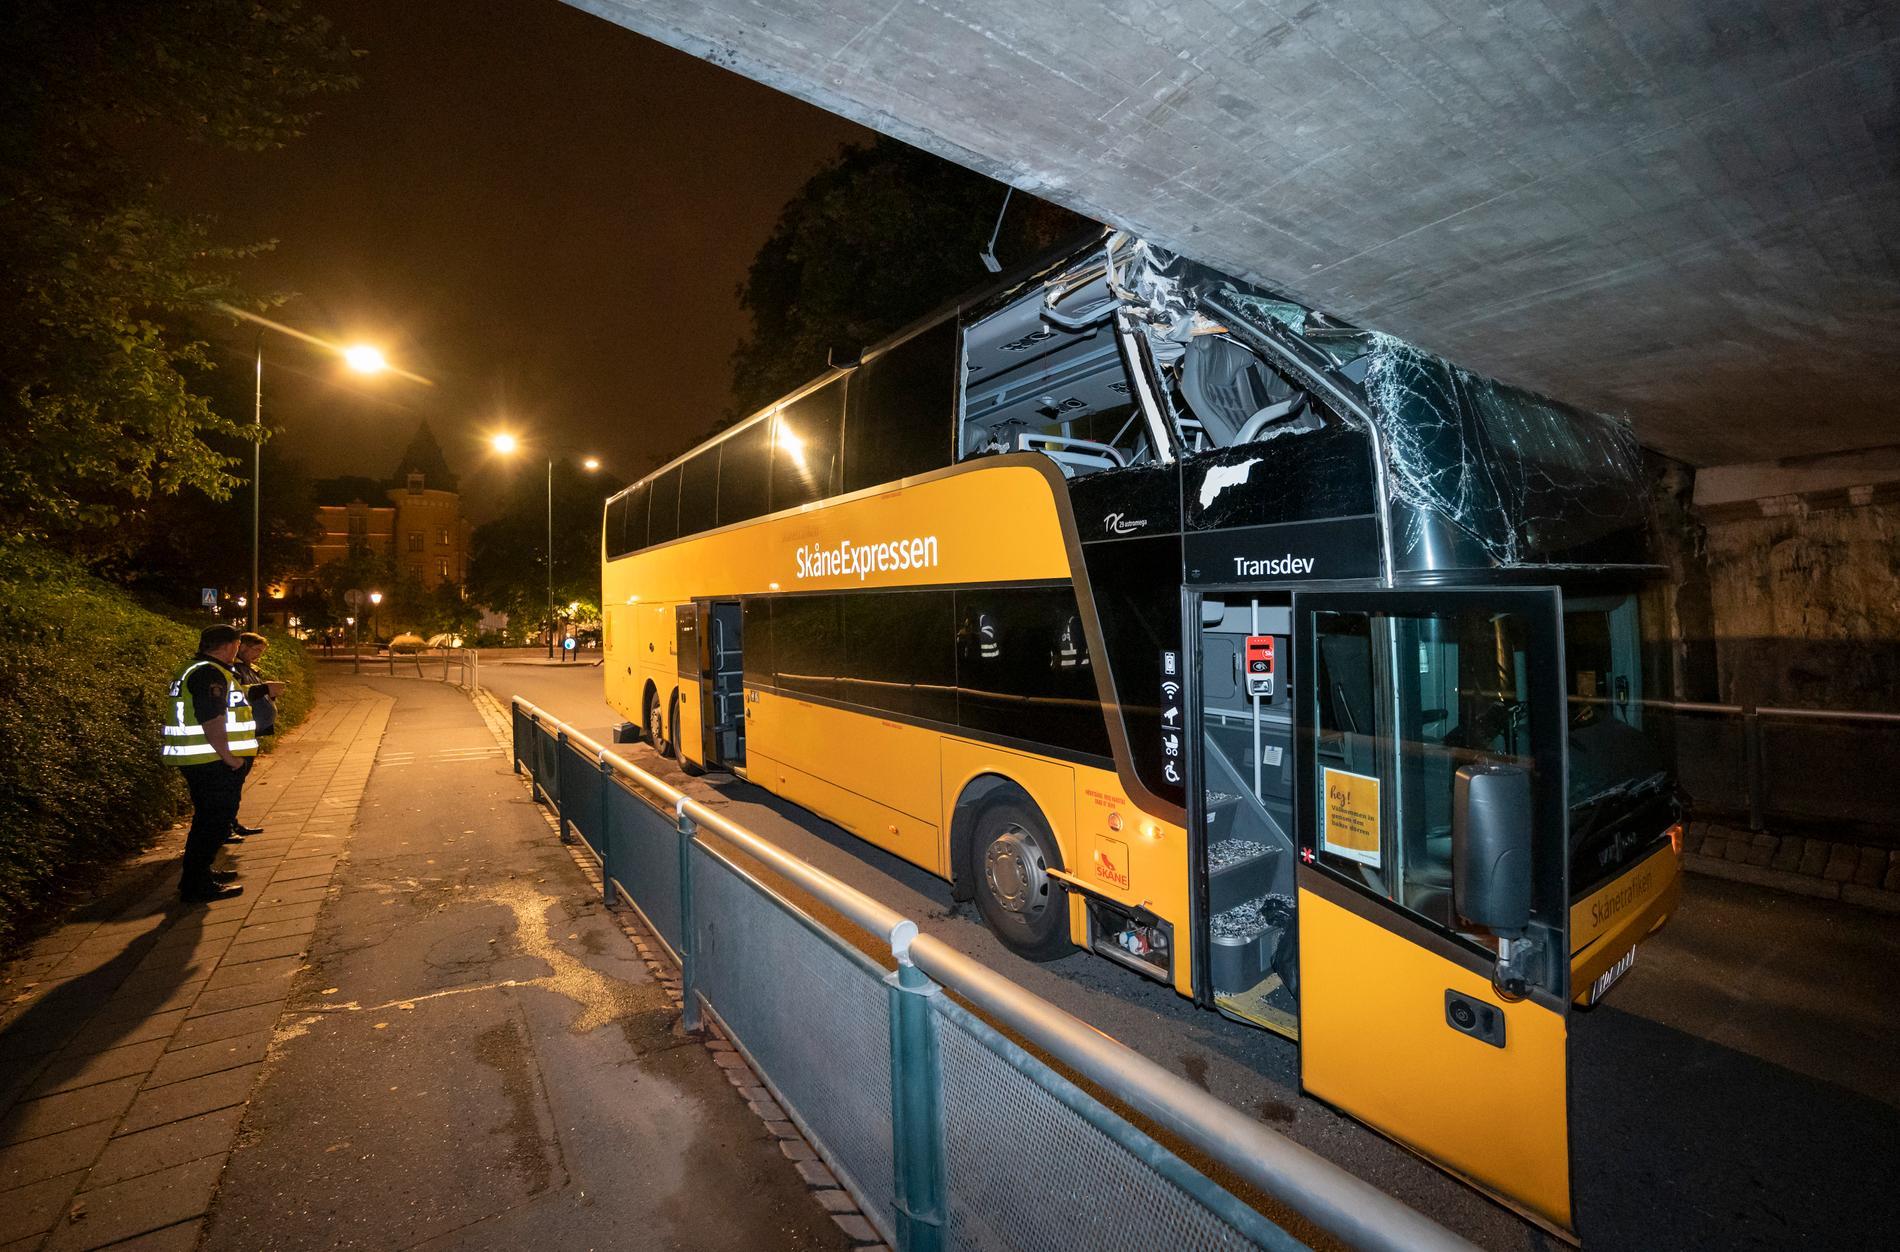 En av Skånetrafikens dubbeldäckare körde vid midnatt natten till lördagen in i en järnvägsbro i centrala Lund.